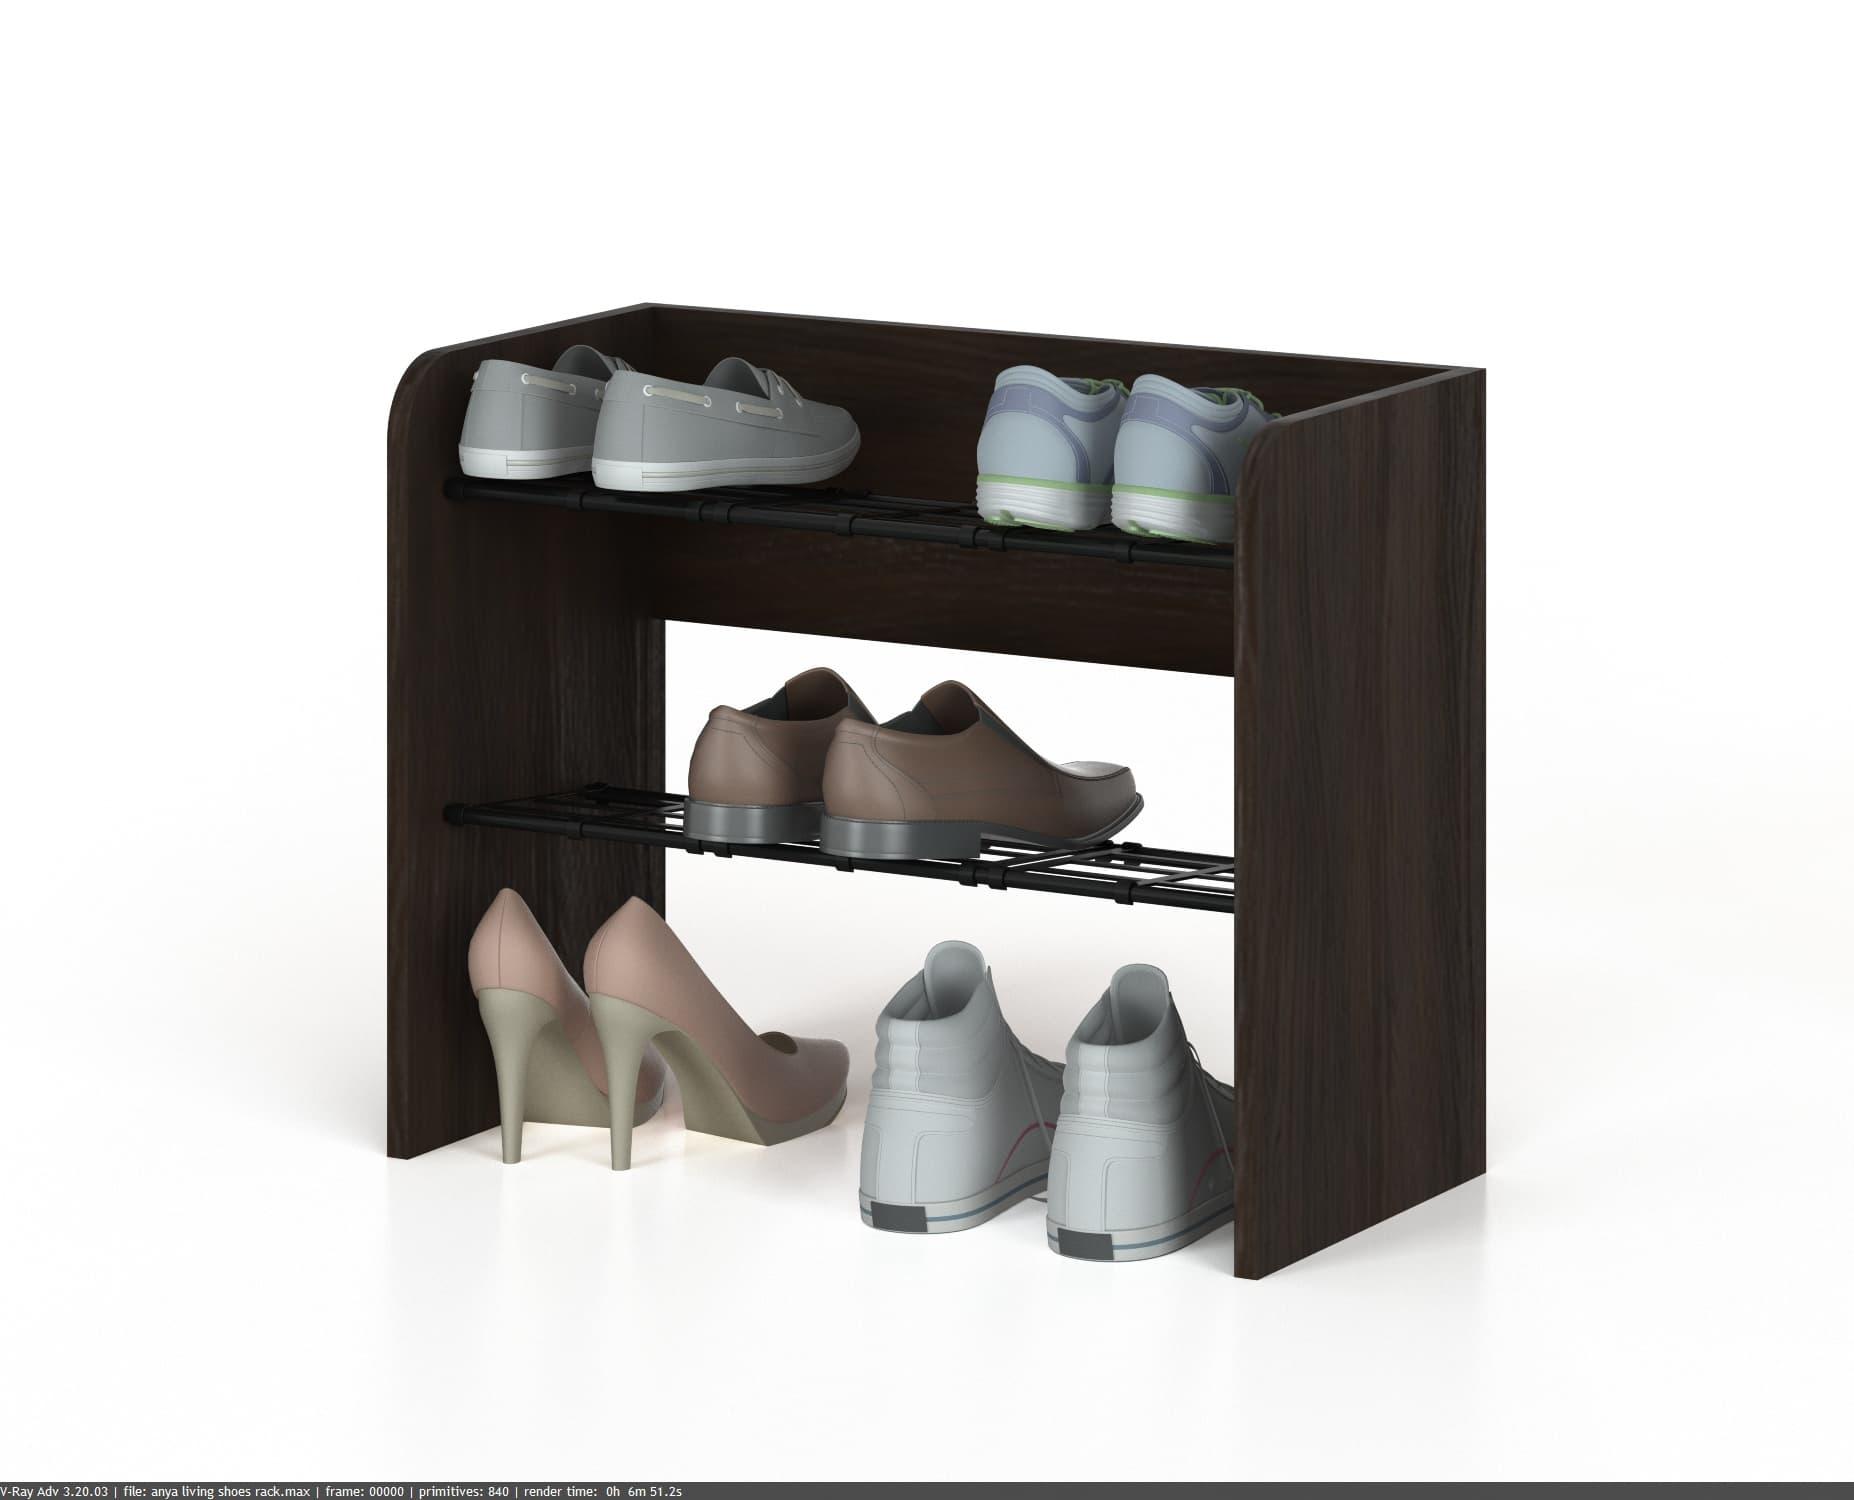 Jual Anya Living Rak Sepatu Tarompa Box Bayi Dan Troli 3 Laci